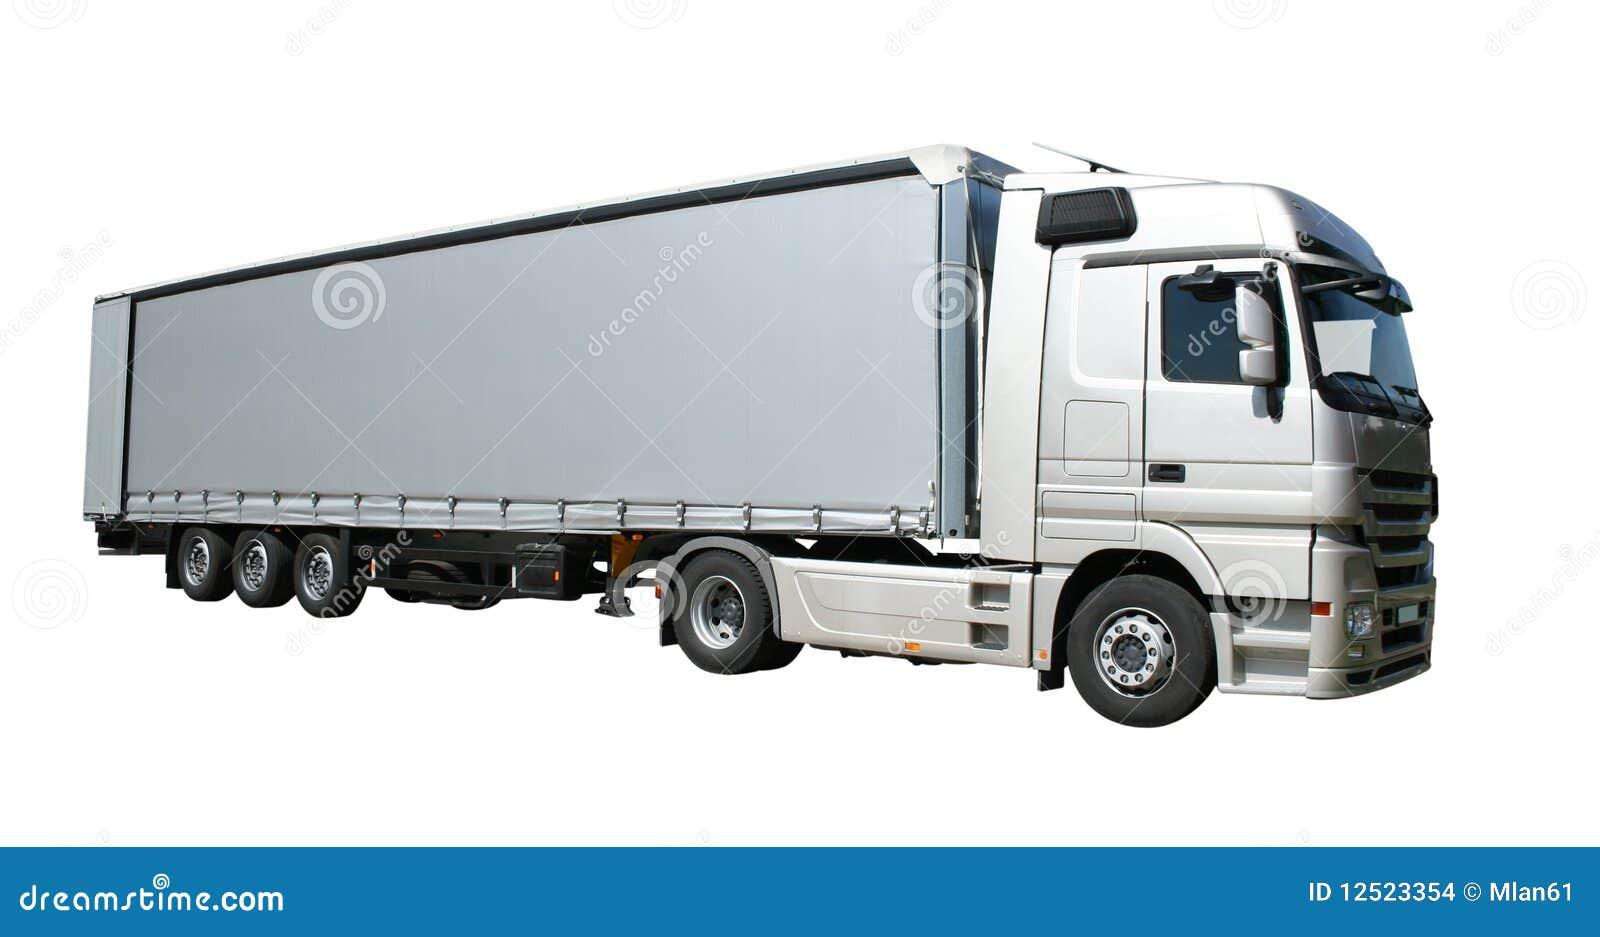 Truck Semitrailer Stock Photo Image Of Trucking